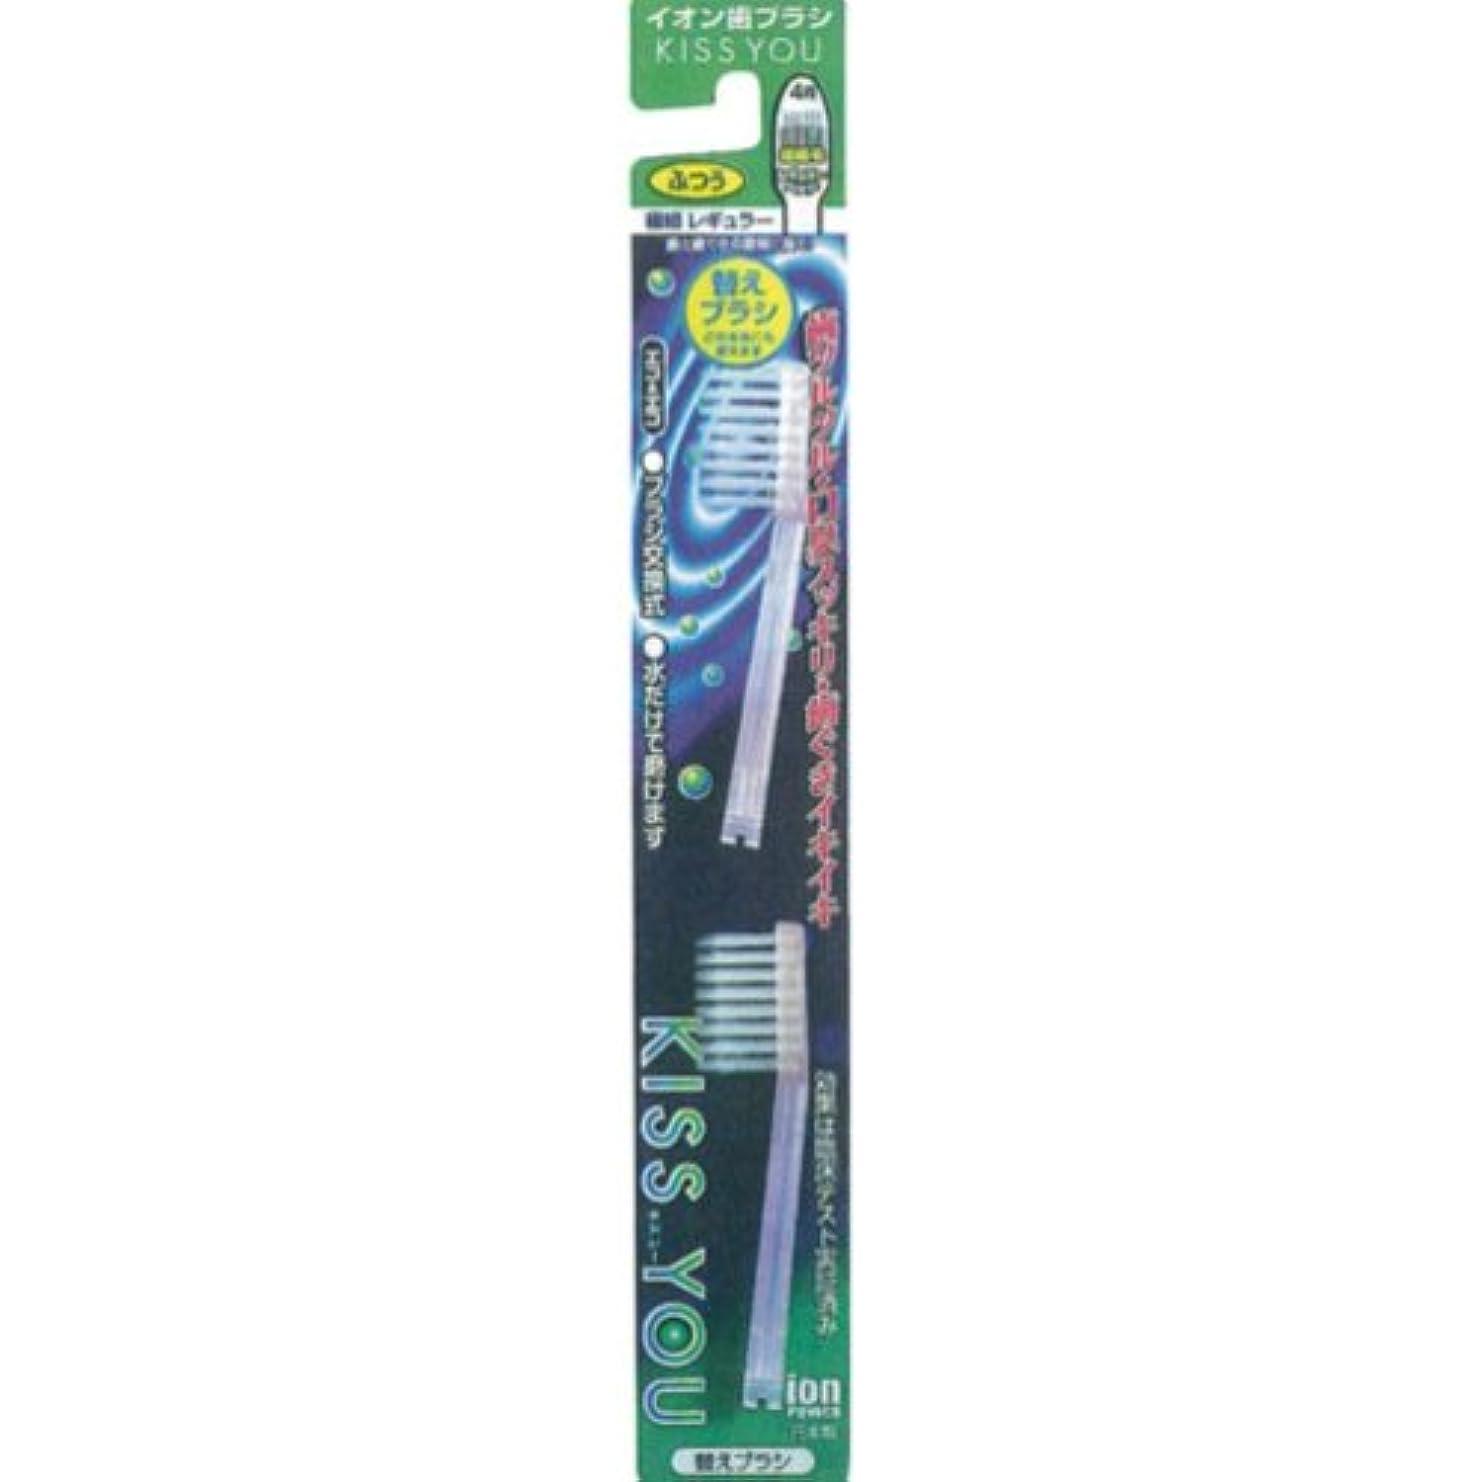 クラスパパユーザーフクバデンタル キスユー イオン歯ブラシ 極細レギュラー 替えブラシ ふつう (2本入)